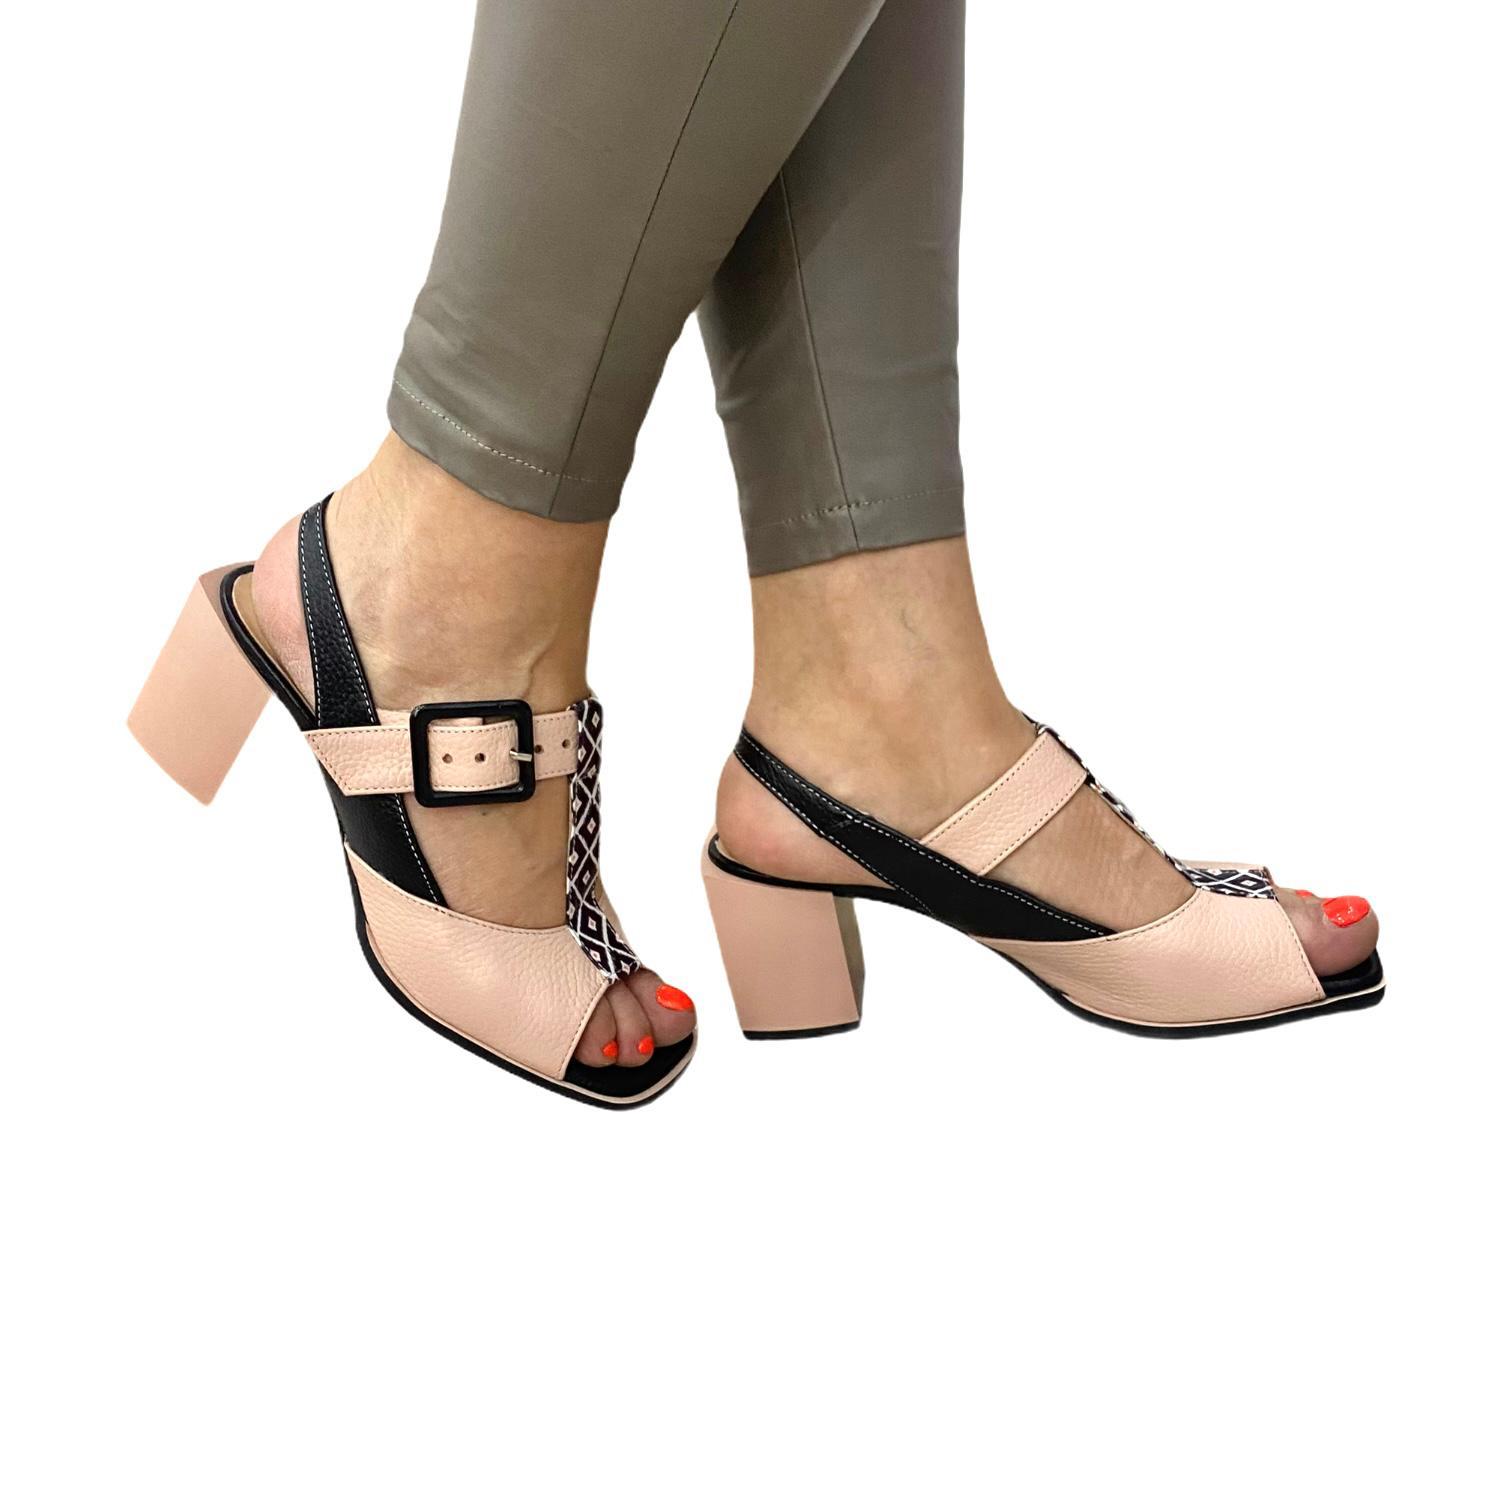 Sandale pudra cu detalii negre si model